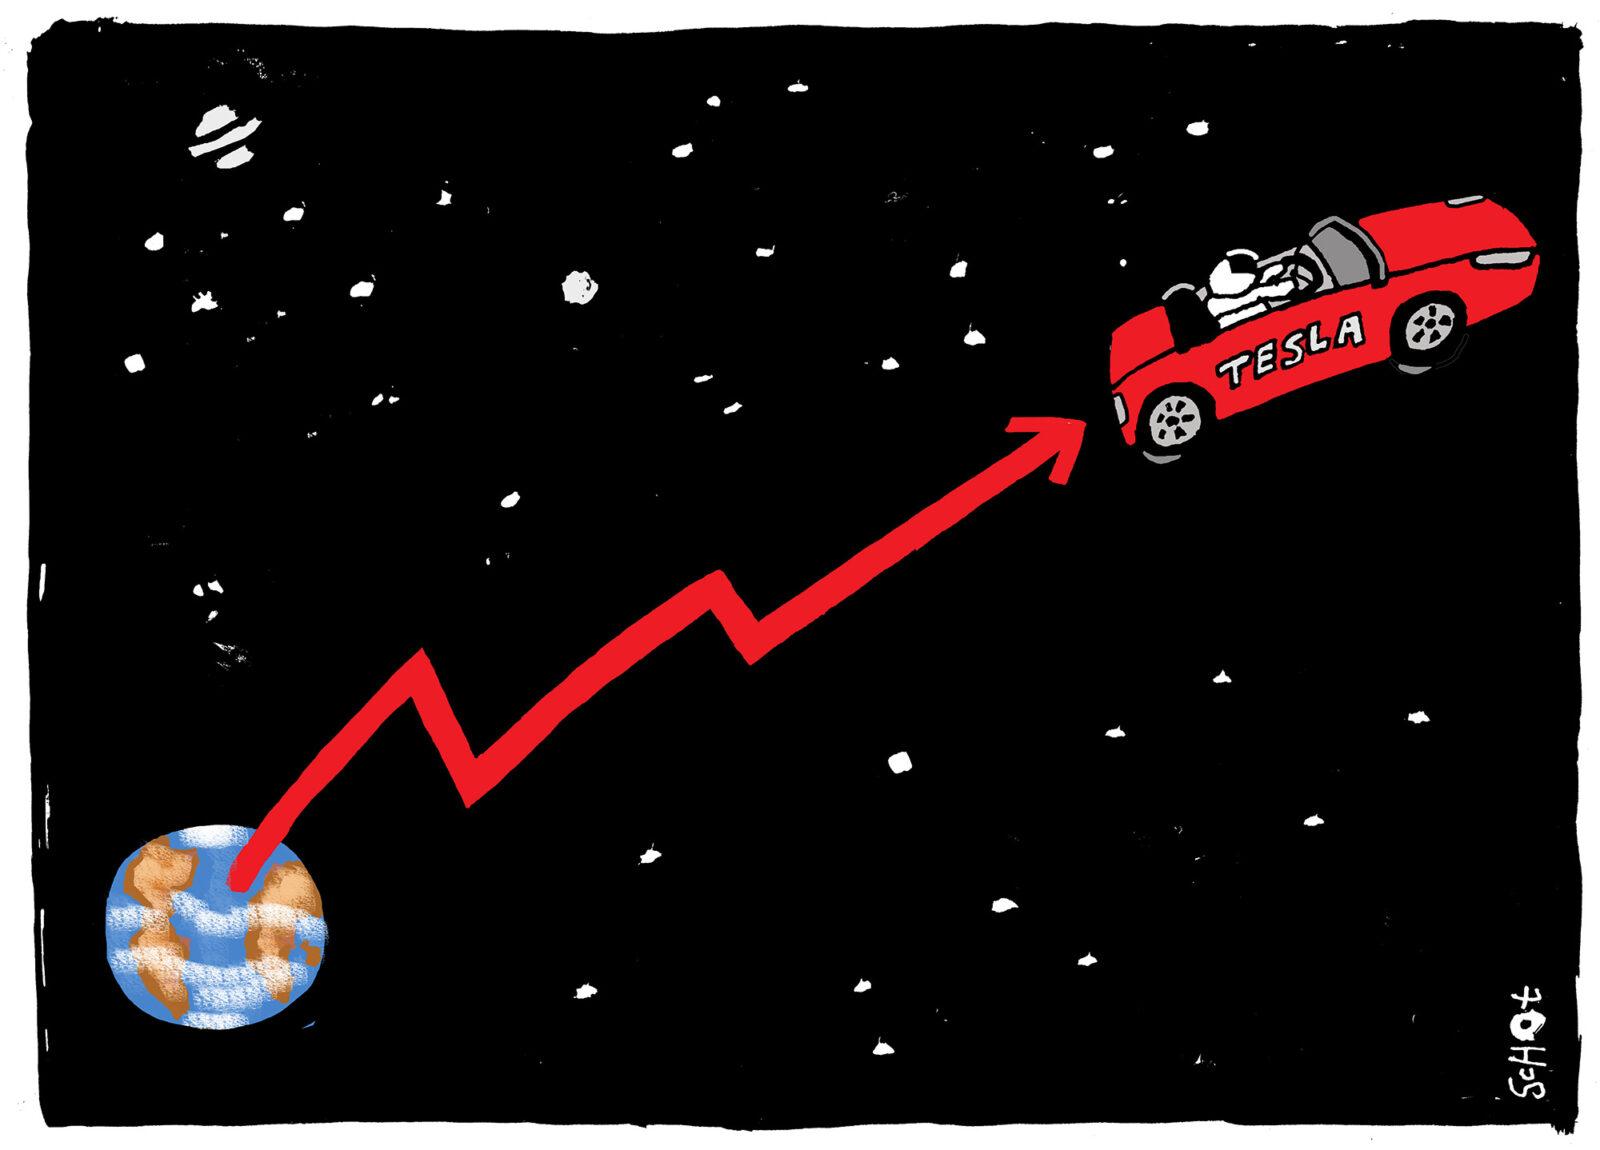 Kwestie – aandeel tesla aarde – Bas van der Schot